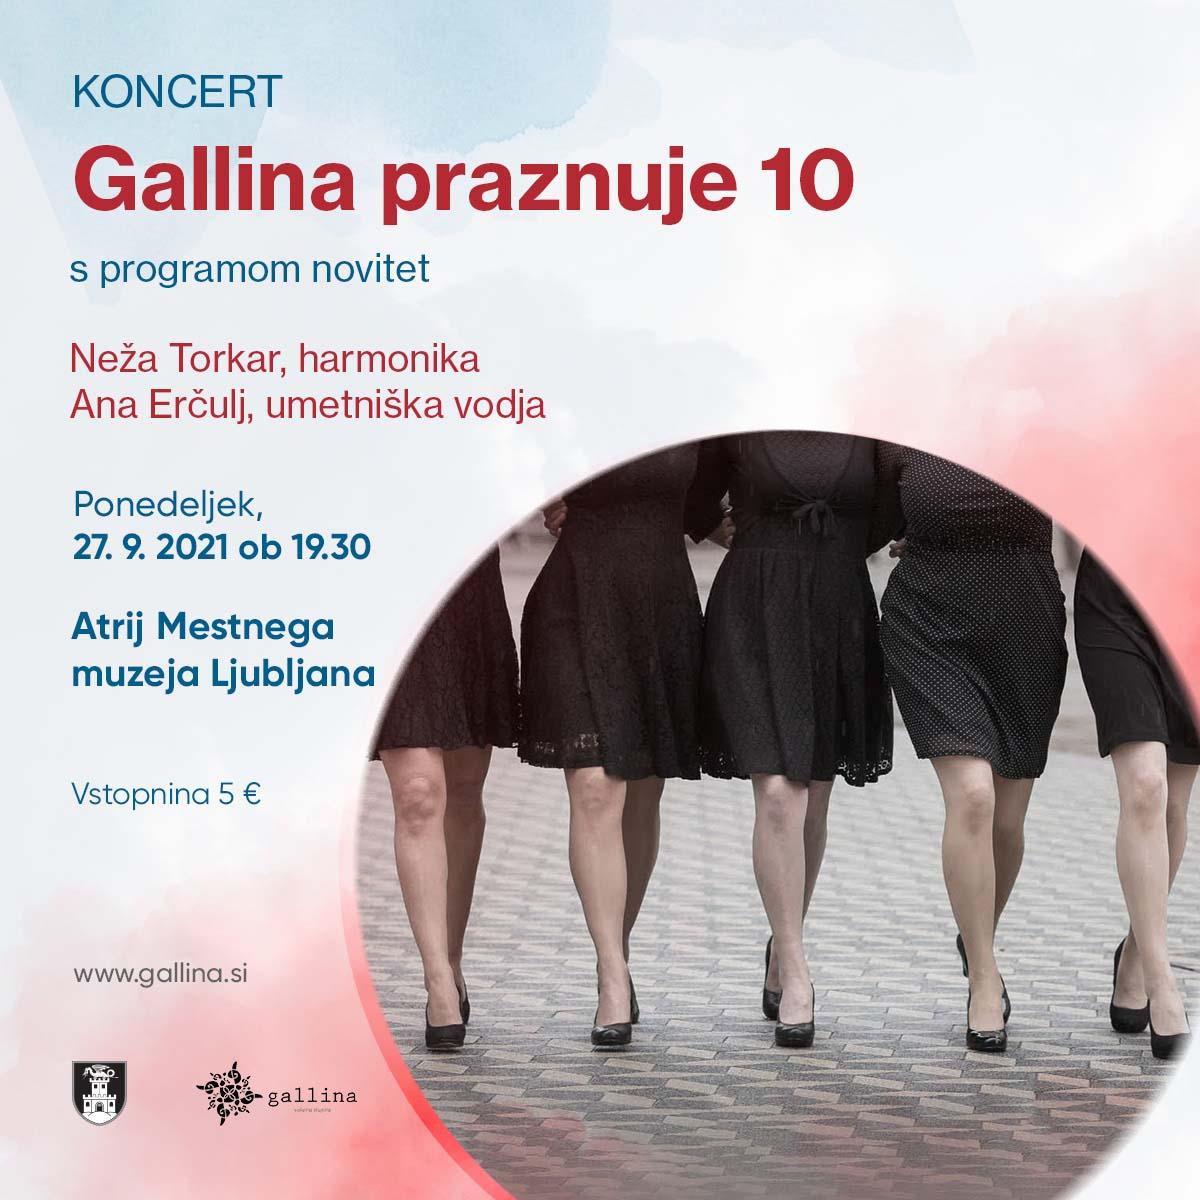 Plakat Galina praznuje 10